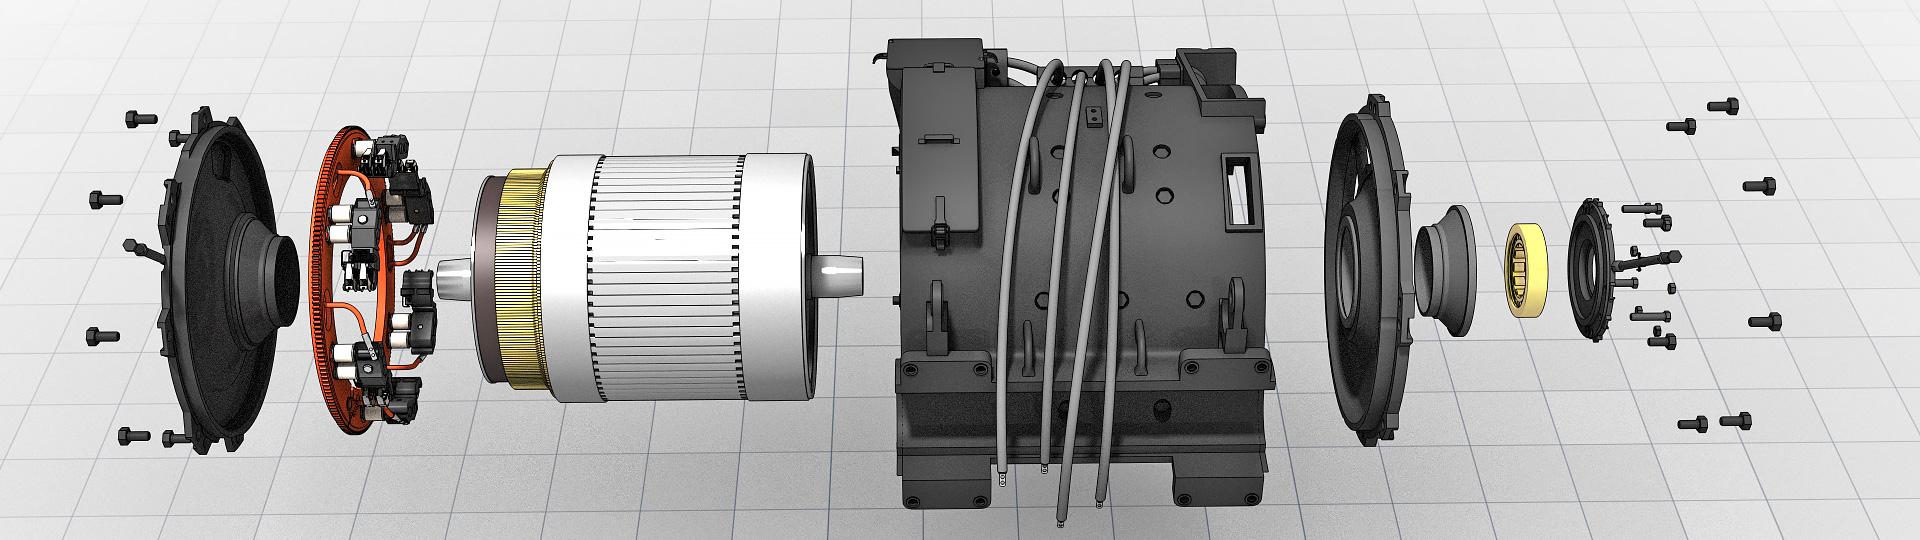 engine Электронное учебное пособие «Ремонт тягового электродвигателя электровозов серий ВЛ10, ВЛ11»